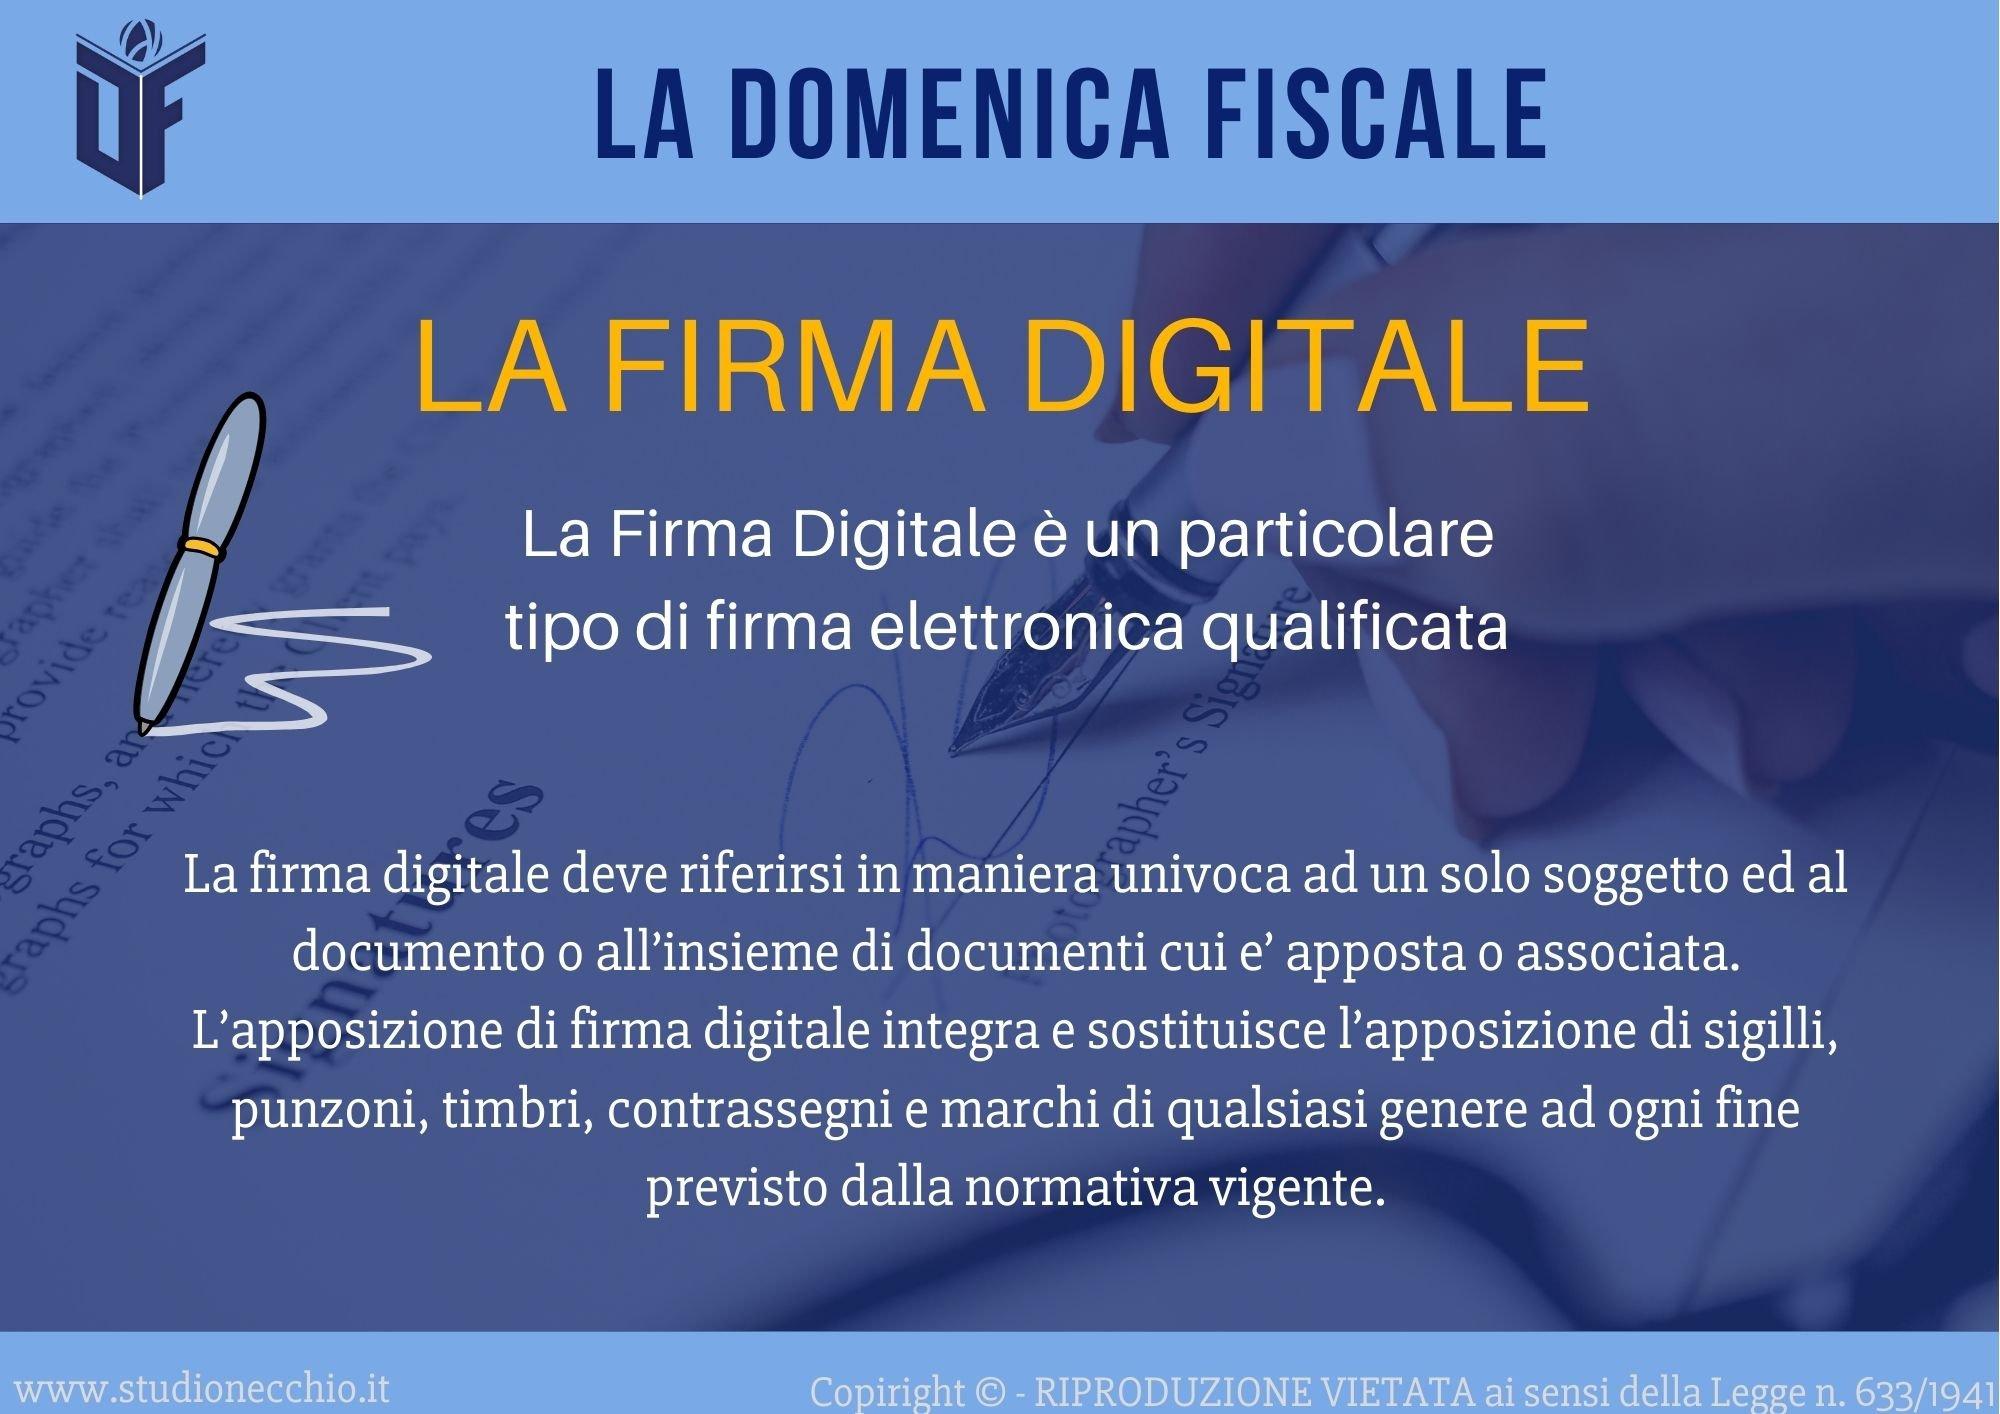 La Domenica Fiscale – La firma digitale